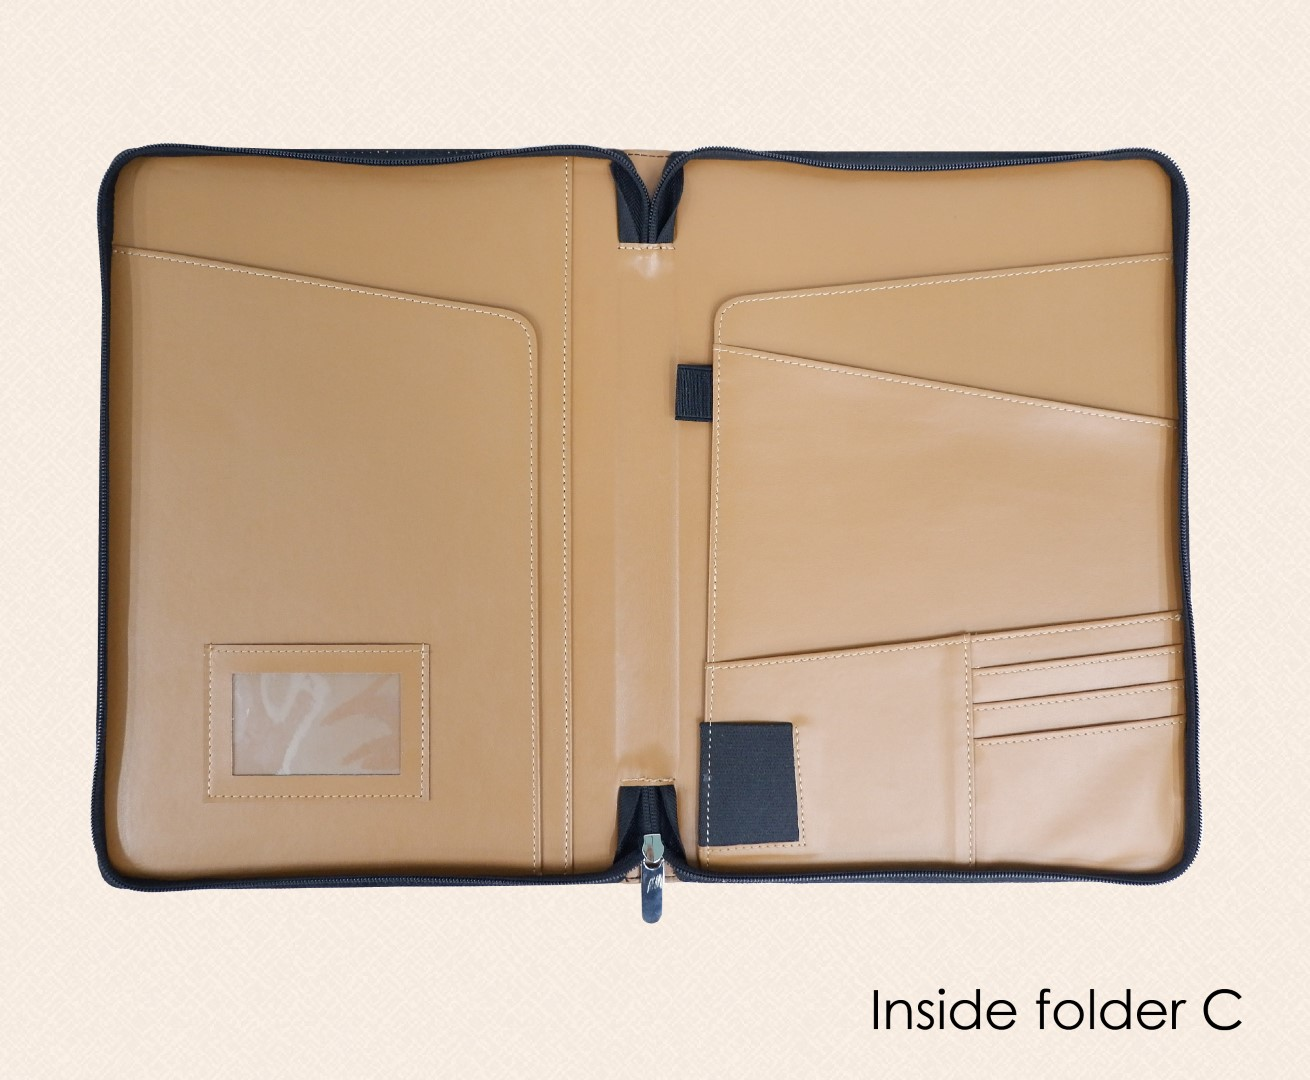 ด้านแฟ้ม แบบ c / Inside folder c